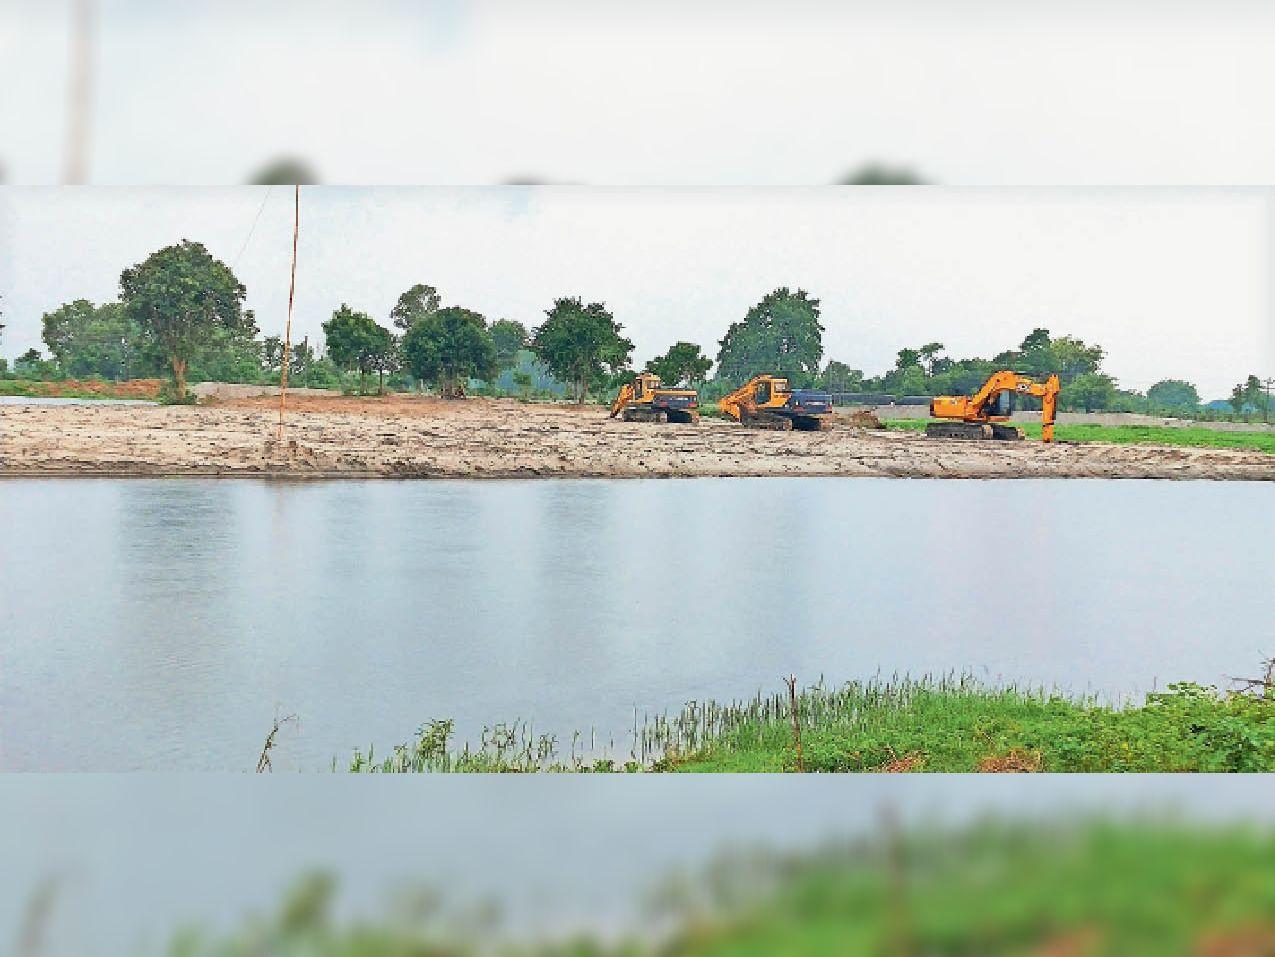 पानी बढ़ने के कारण कार्य बंद कर खड़ी जेसीबी। - Dainik Bhaskar